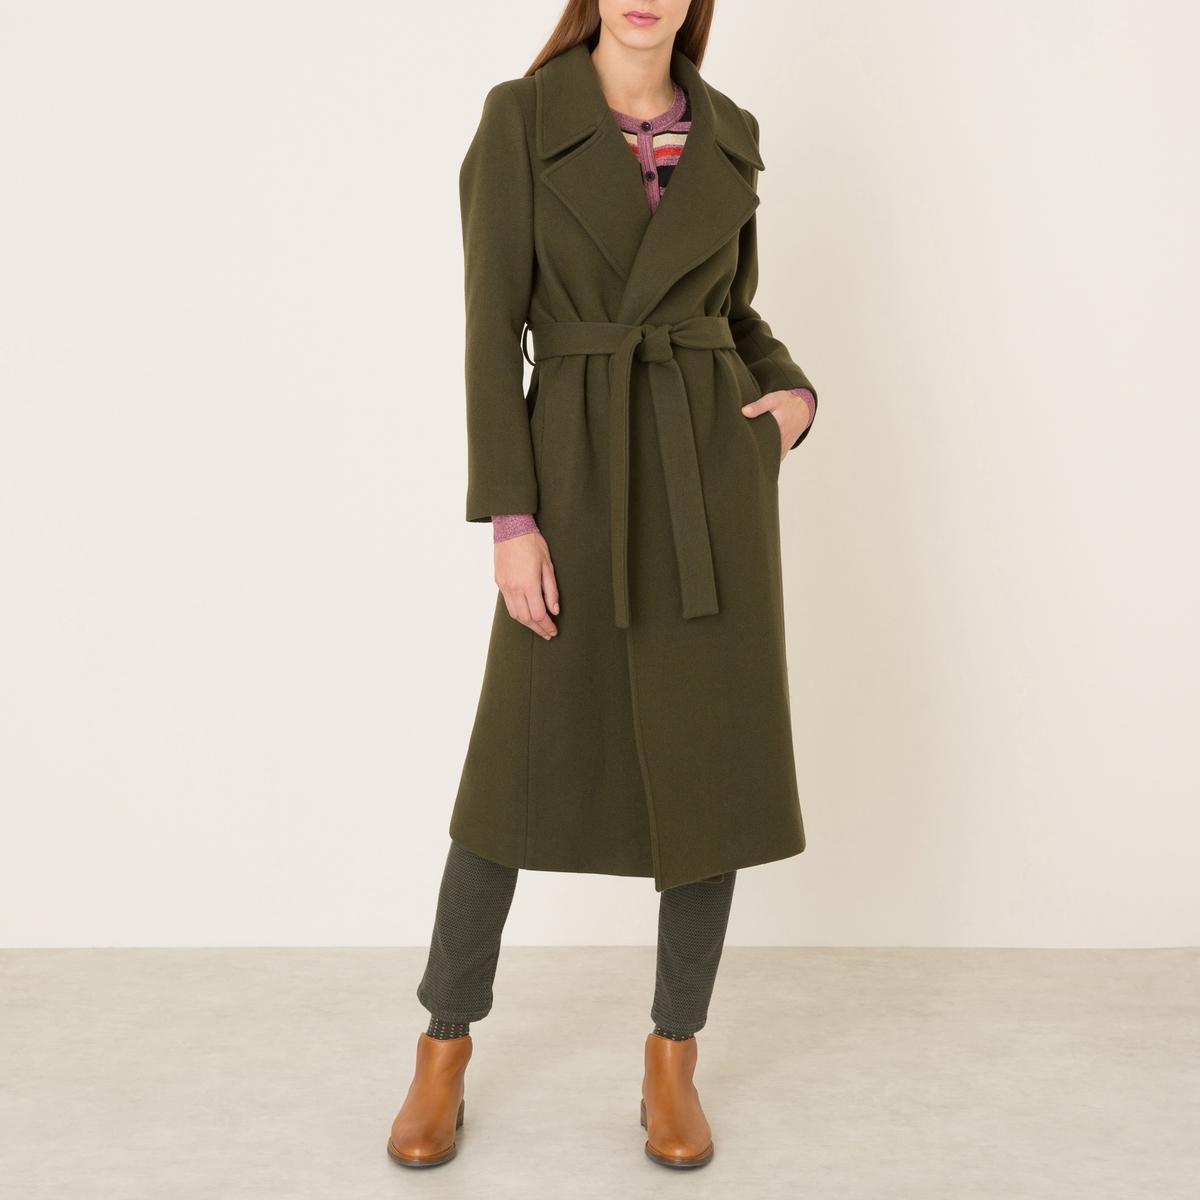 Пальто длинное женское однотонноеПальто LA BRAND BOUTIQUE, однотонное. Длинный покрой. Широкий костюмный зубчатый воротник. Боковые карманы в швах. Пояс со шлевками. Шлица сзади для большего удобства. Состав и описание    Материал : 78% необработанной шерсти, 22% полиамида    Марка : LA BRAND BOUTIQUE<br><br>Цвет: хаки<br>Размер: 38 (FR) - 44 (RUS).36 (FR) - 42 (RUS)